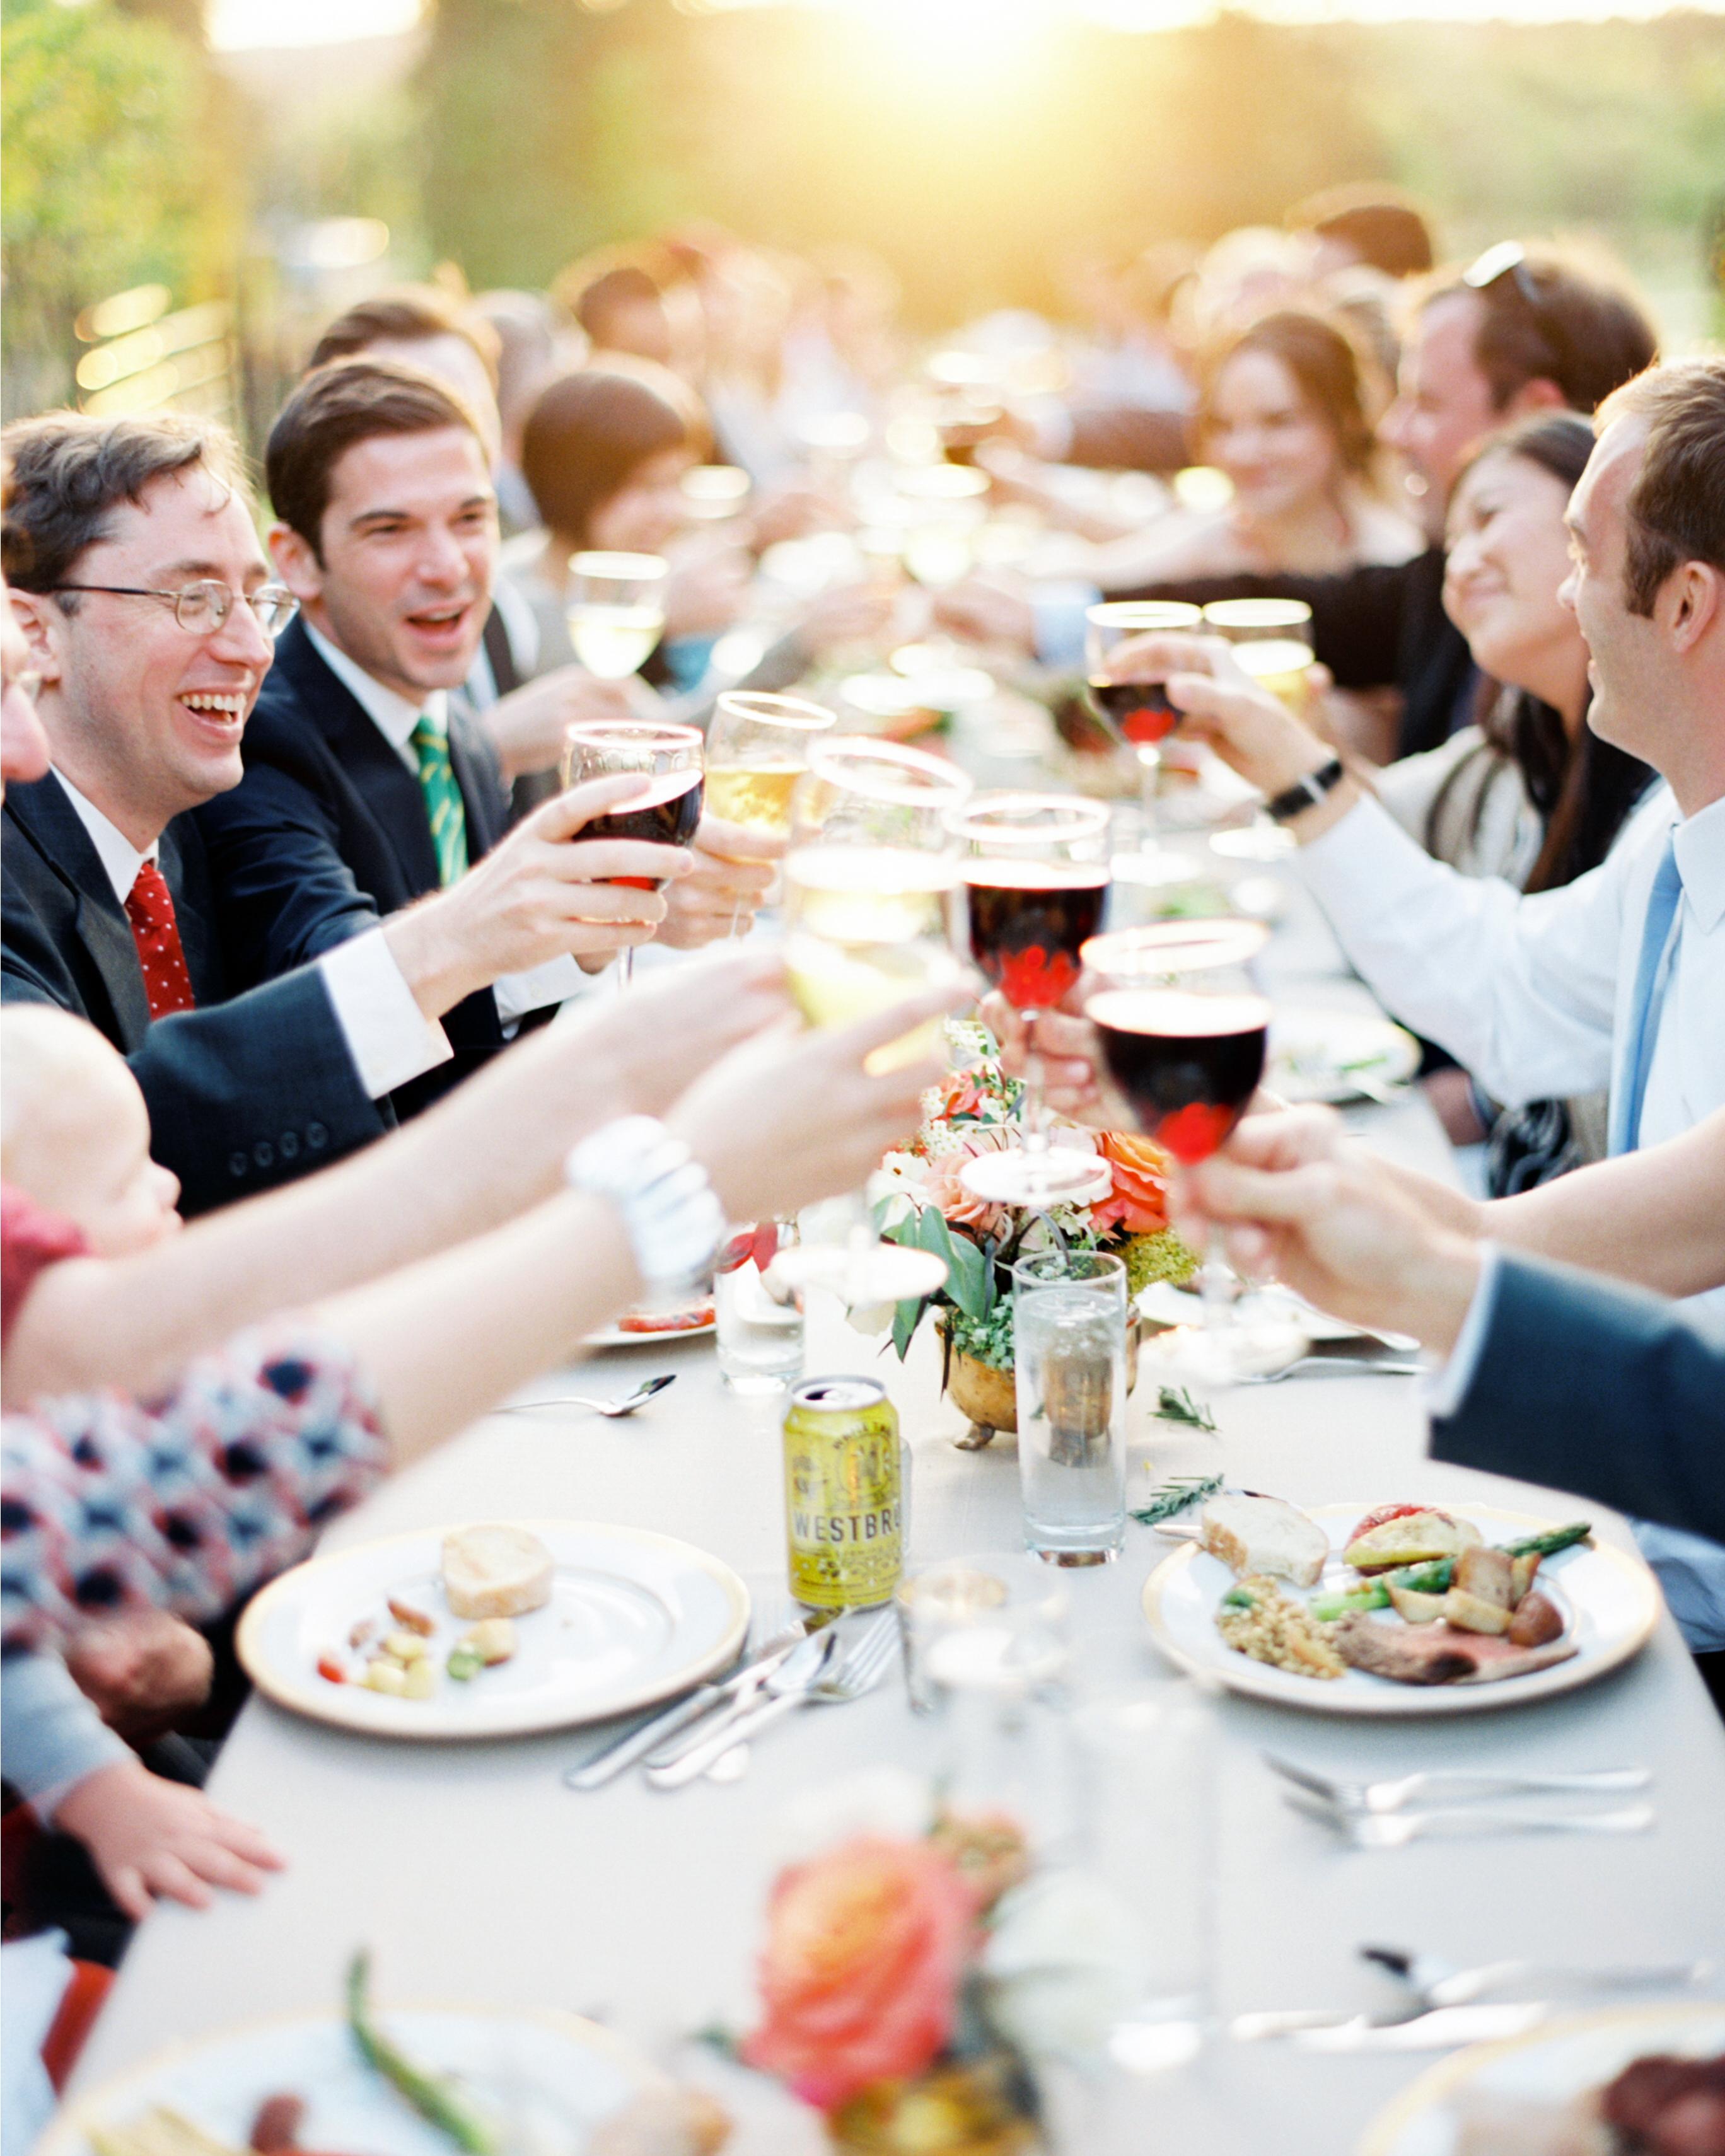 olga-david-wedding-reception-0314.jpg